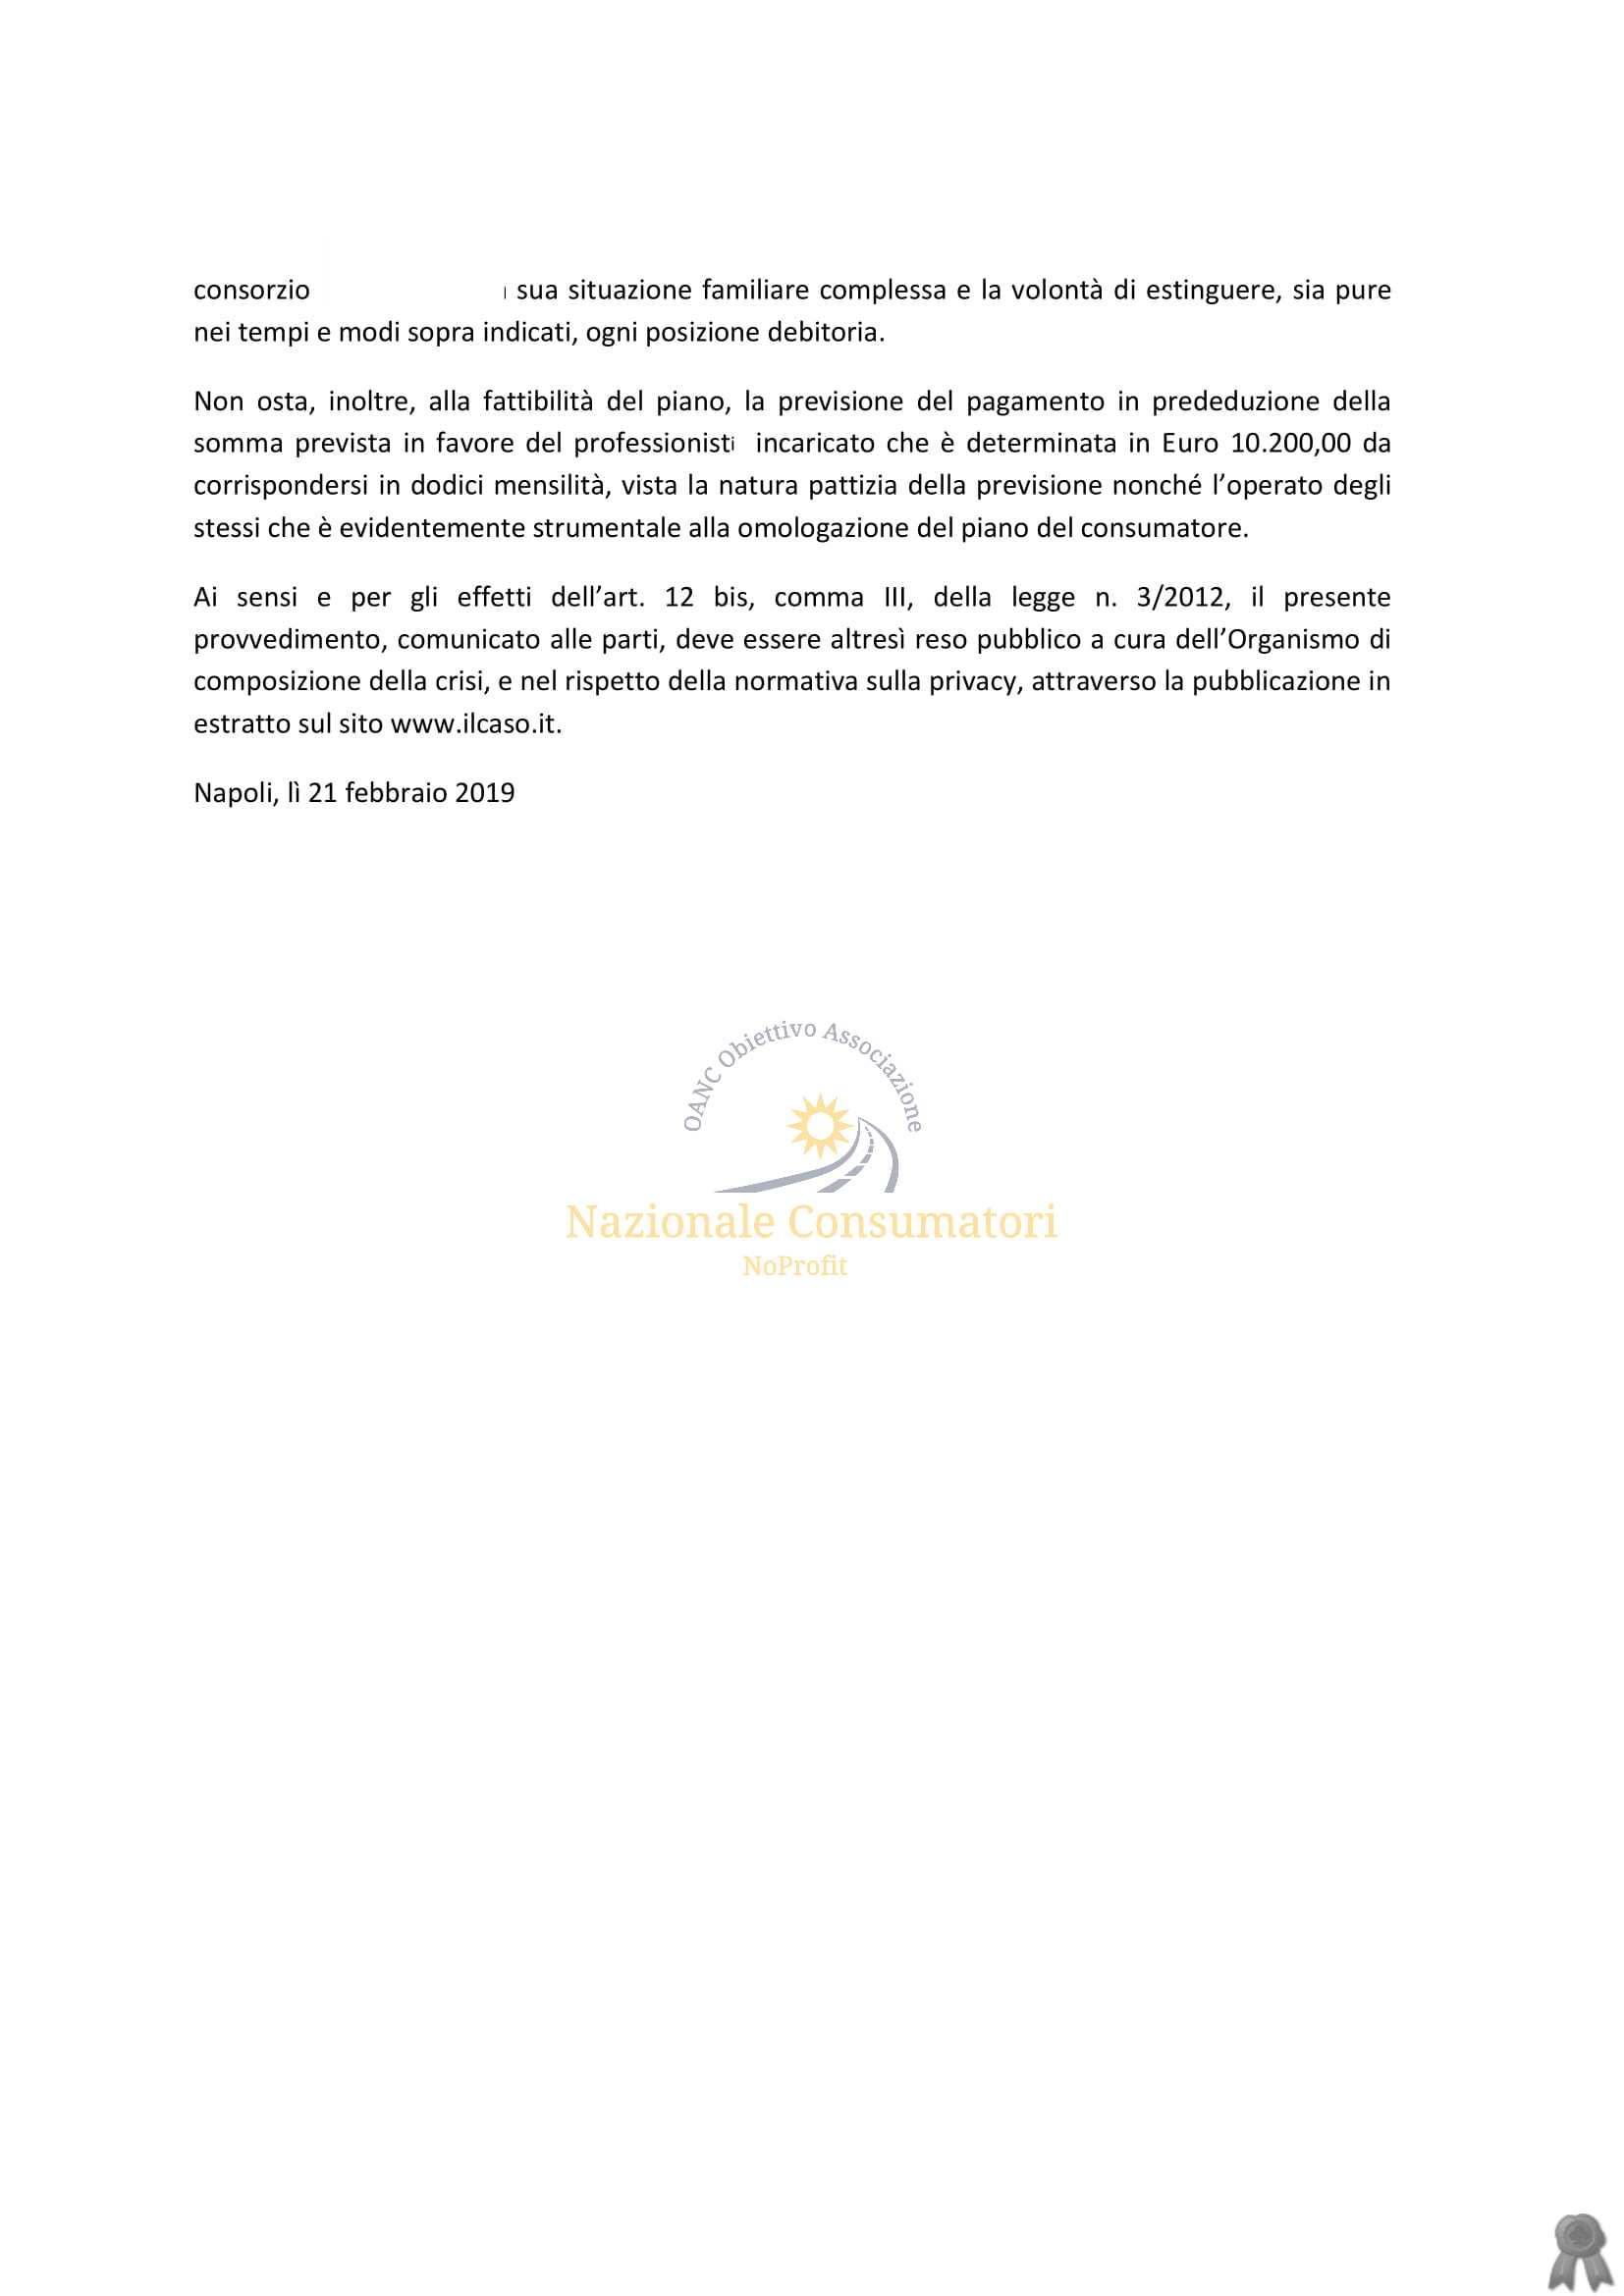 TR.DI NAPOLI 21 FEBBRAIO 2019 OMOLOGA  PIANO DELCONSUMATORE 4